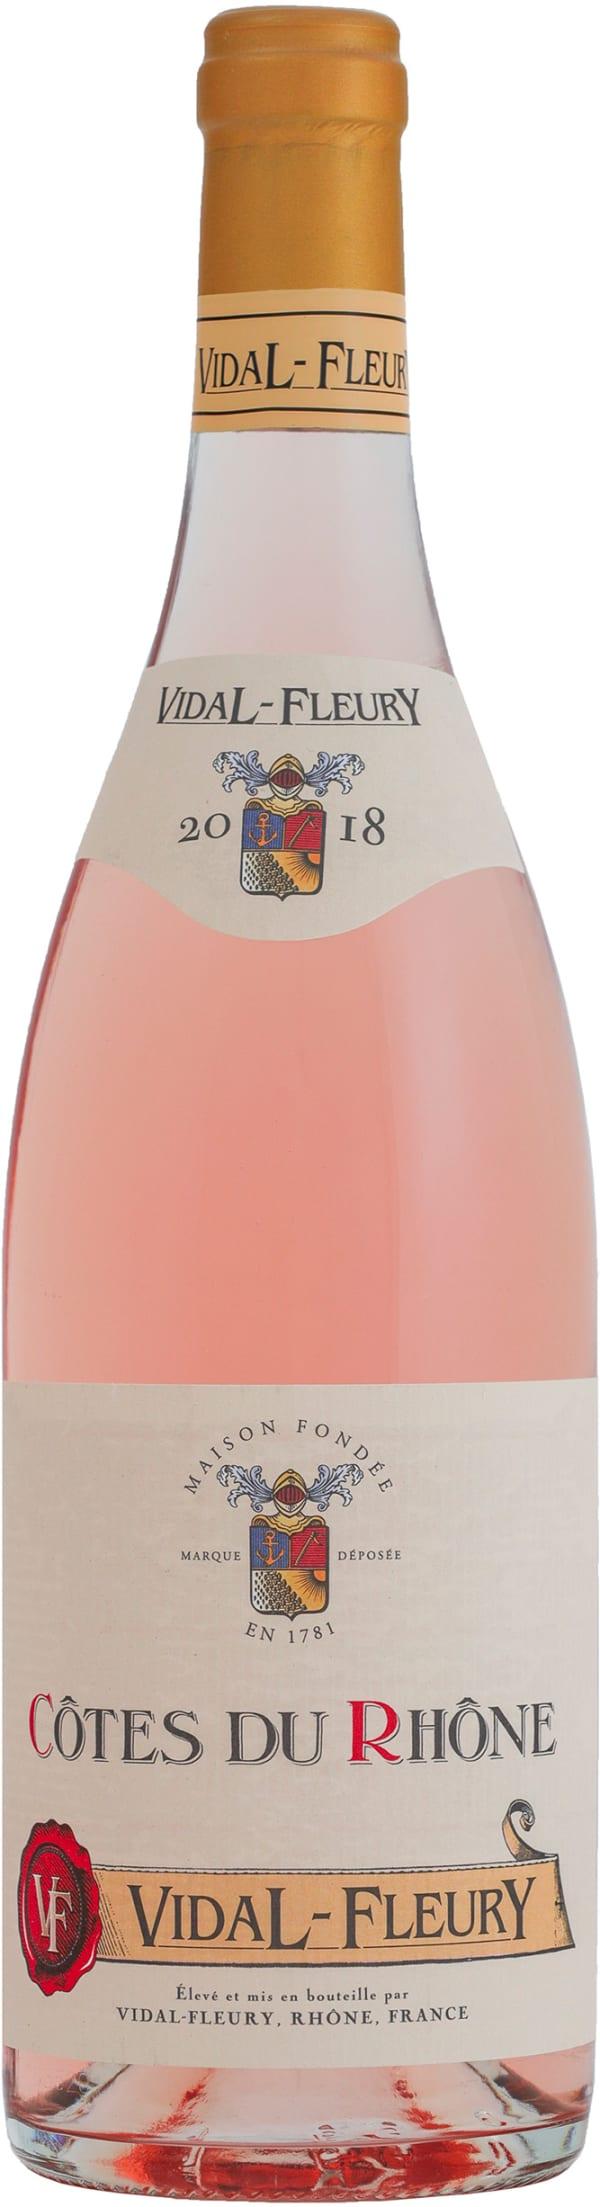 Vidal-Fleury Côtes du Rhône Rosé 2018